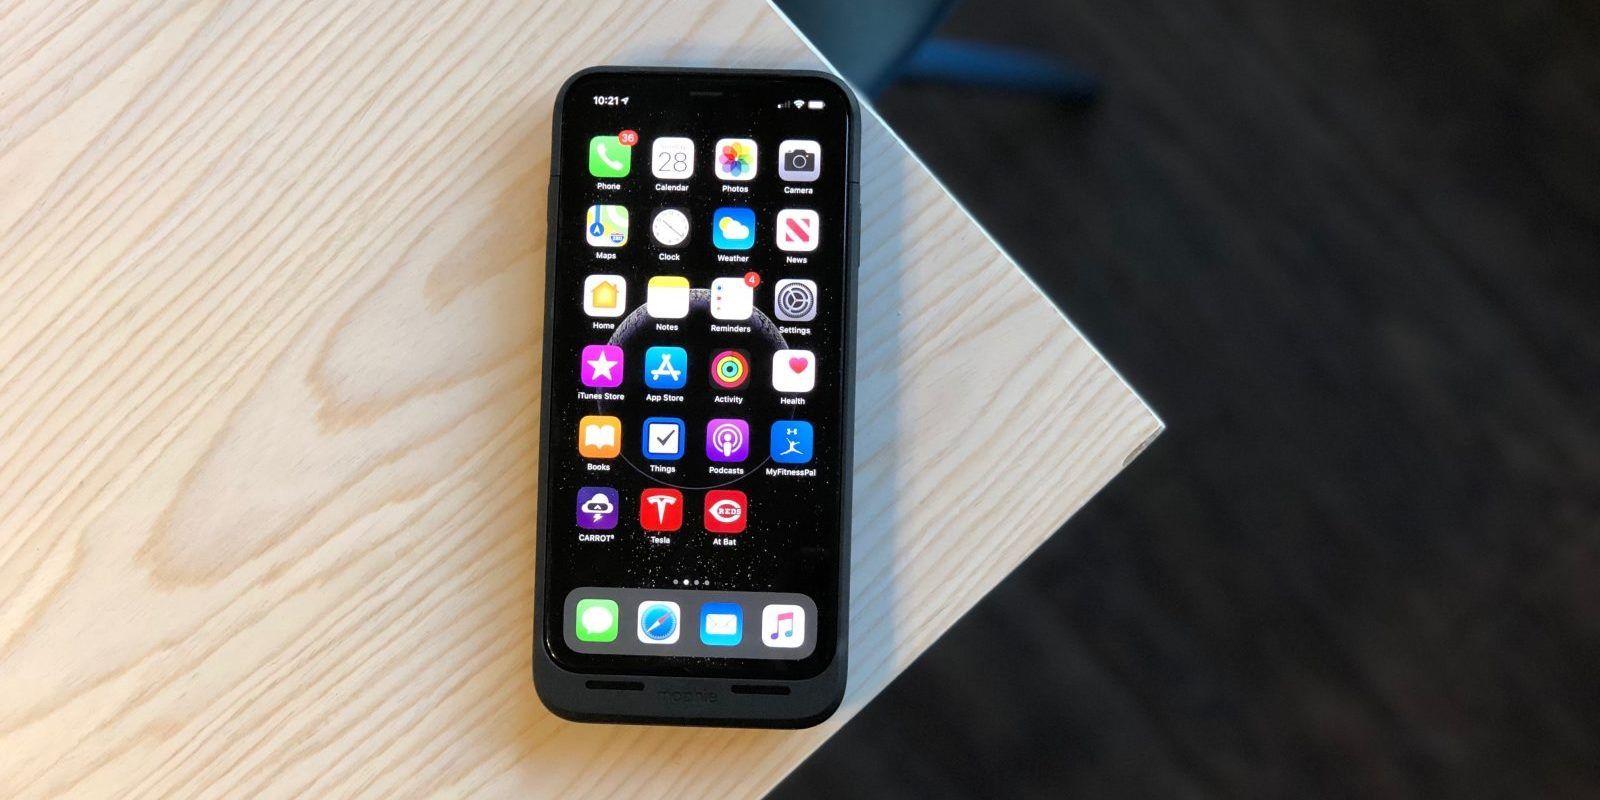 u uw iPhone aansluiten op een projector